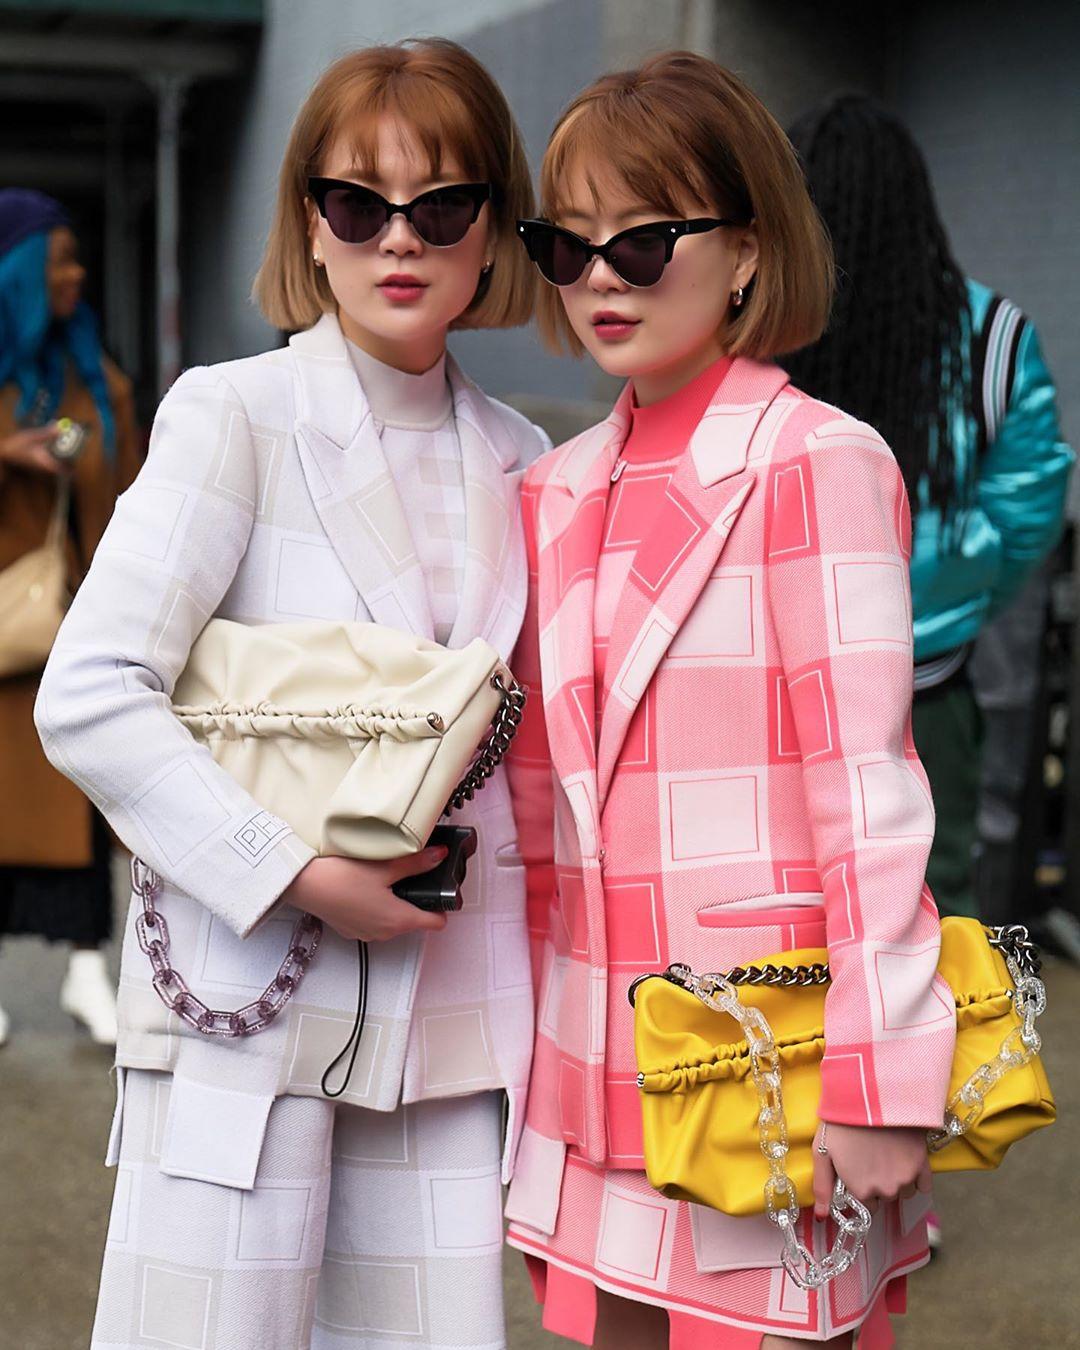 Phối màu quần áo bắt mắt ngày hè với hai tông màu hồng và vàng tươi